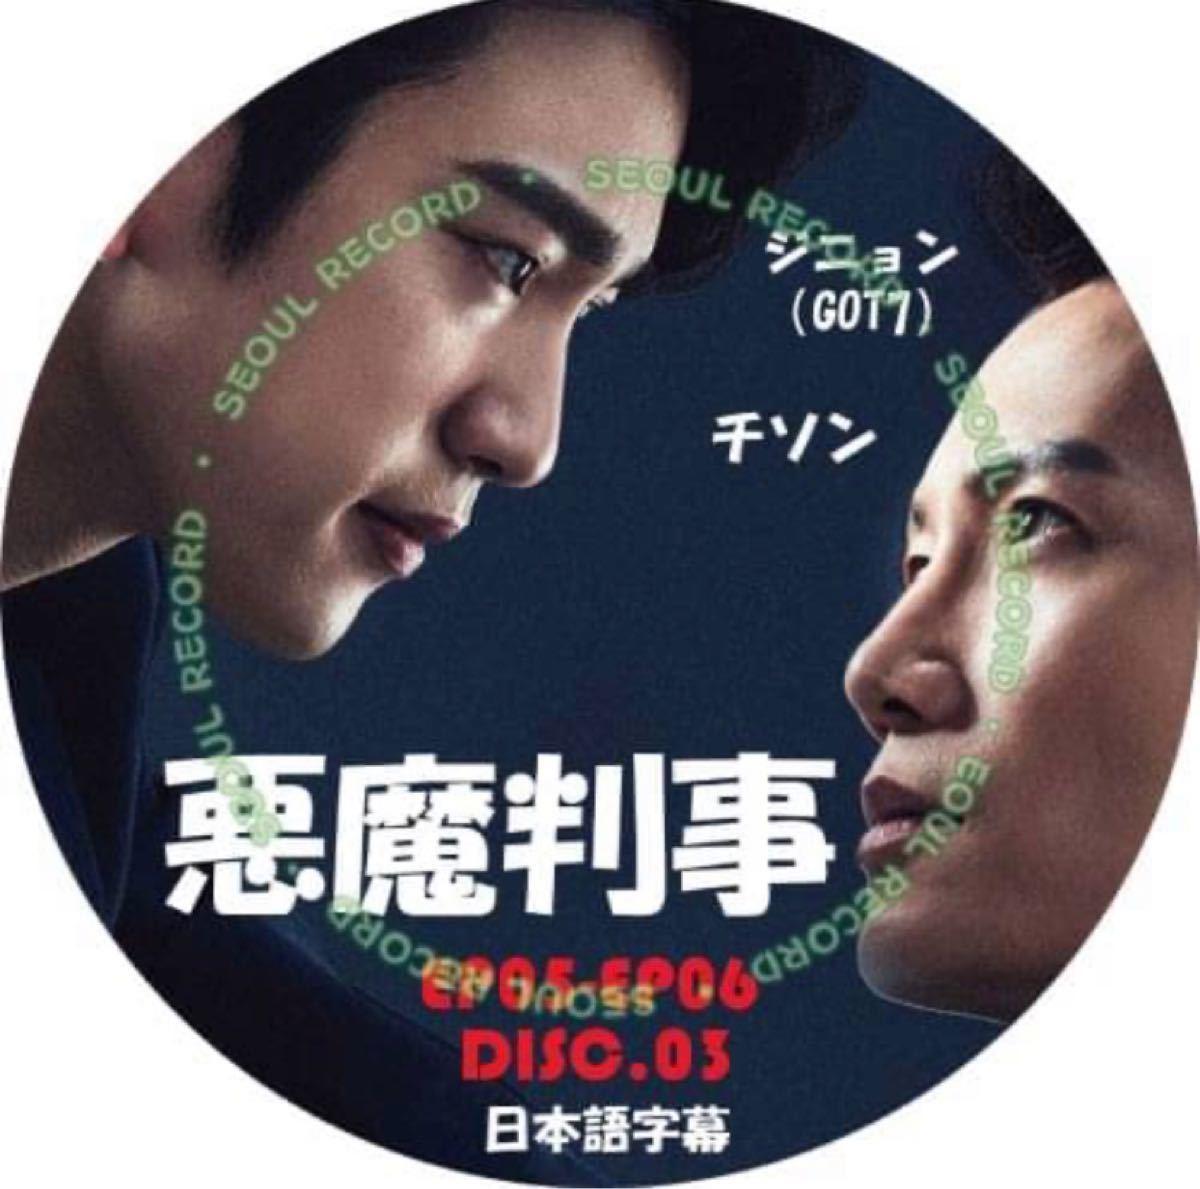 「韓国ドラマ」ディスク3  悪魔判事 (日本語字幕) EP5+6   DVDレーベル印刷付